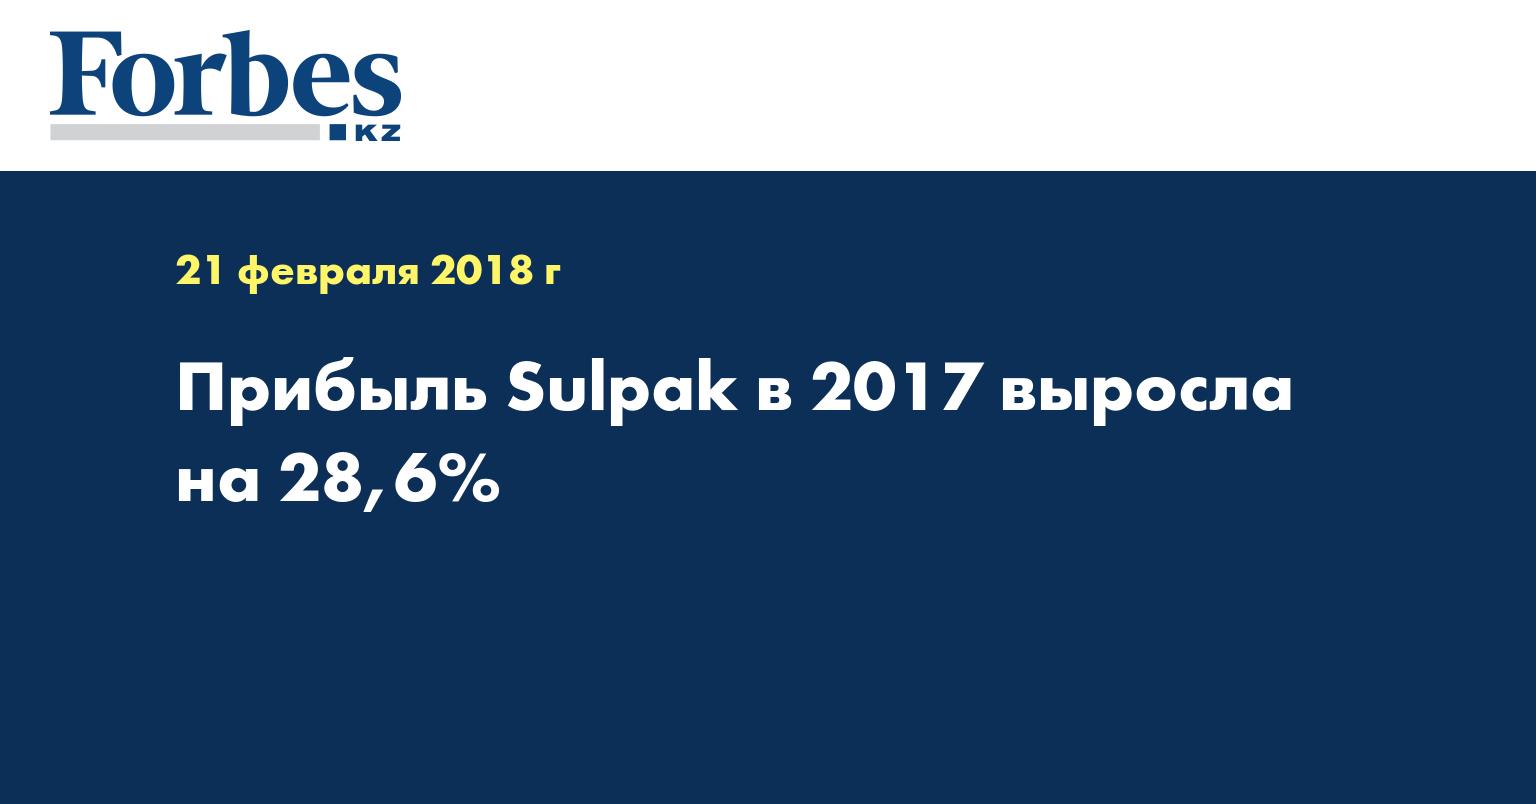 Прибыль Sulpak в 2017 выросла на 28,6%